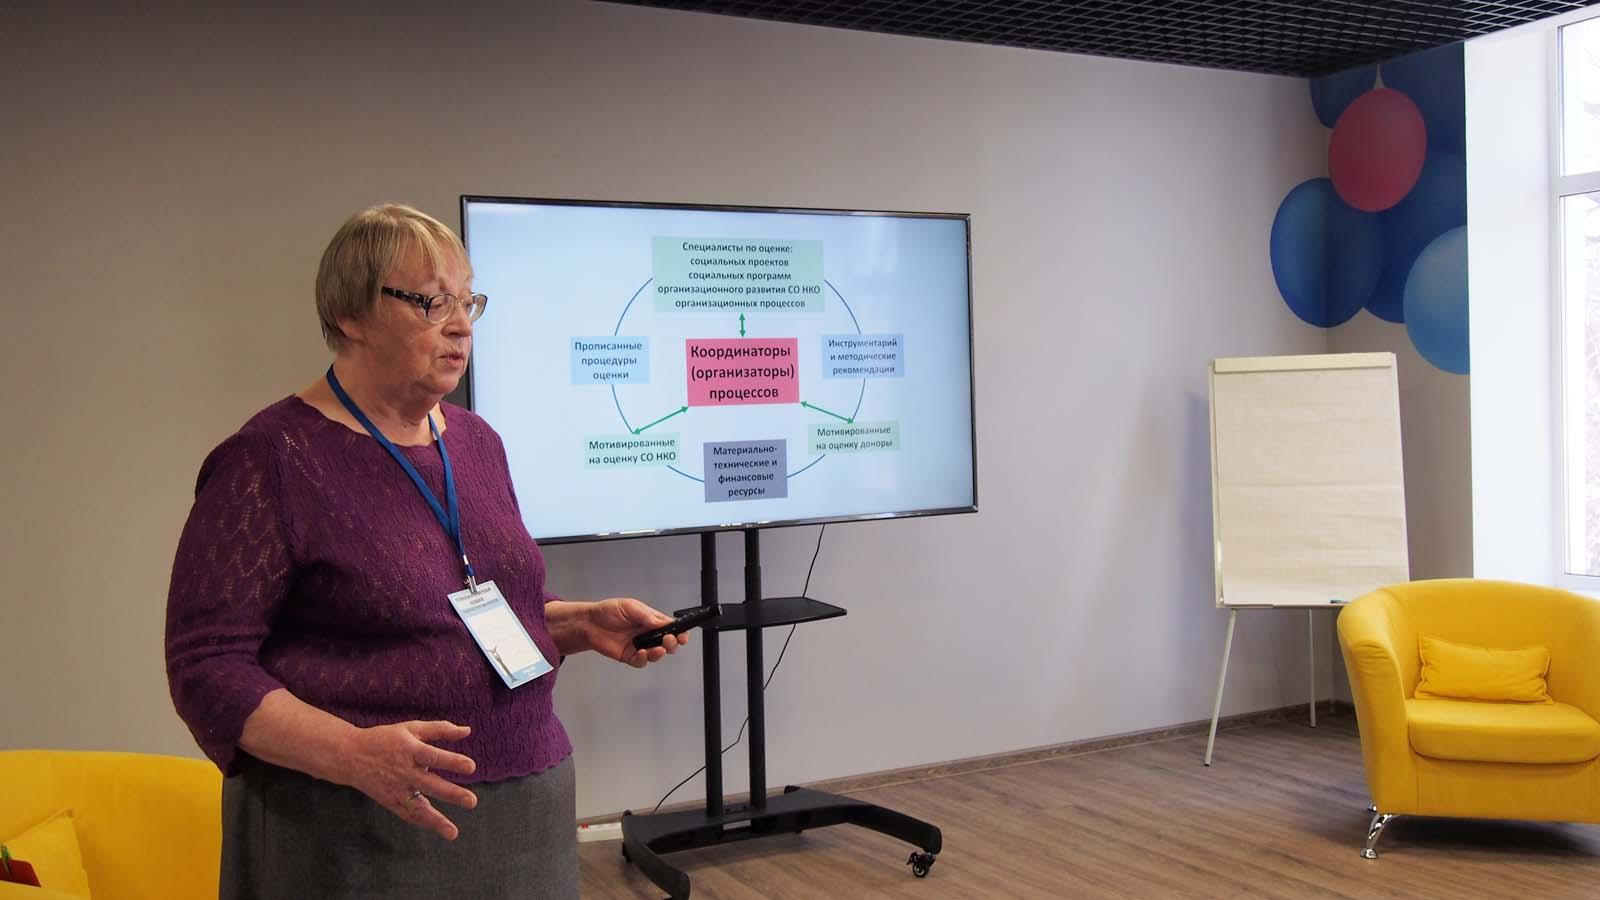 Региональная конференция оценщиков социальных проектов и программ: В.И.Пестрикова рассказывает о проекте